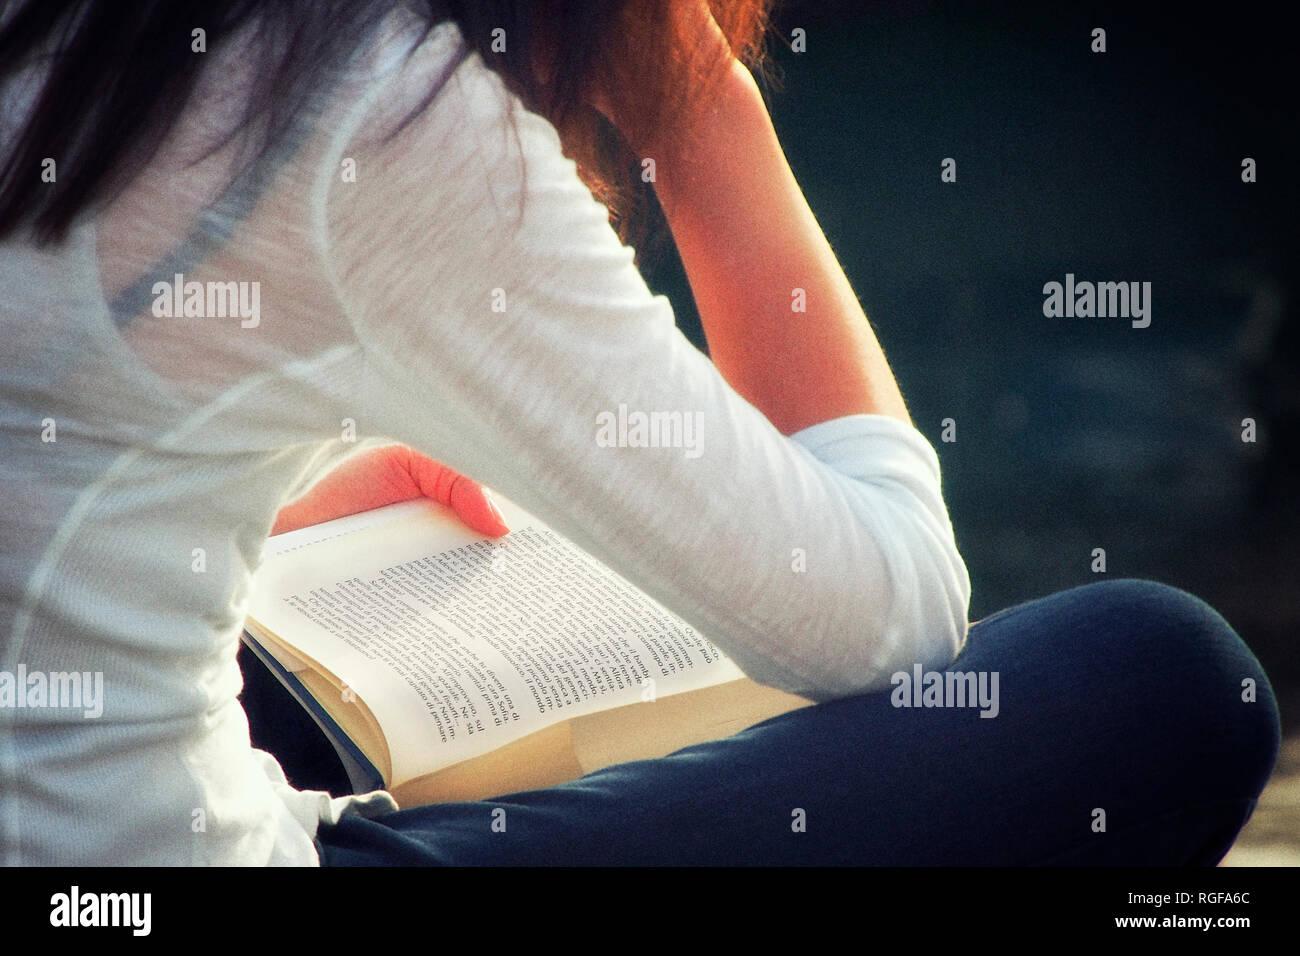 Una ragazza sta leggendo un libro in aria aperta e seduto. Immagini Stock